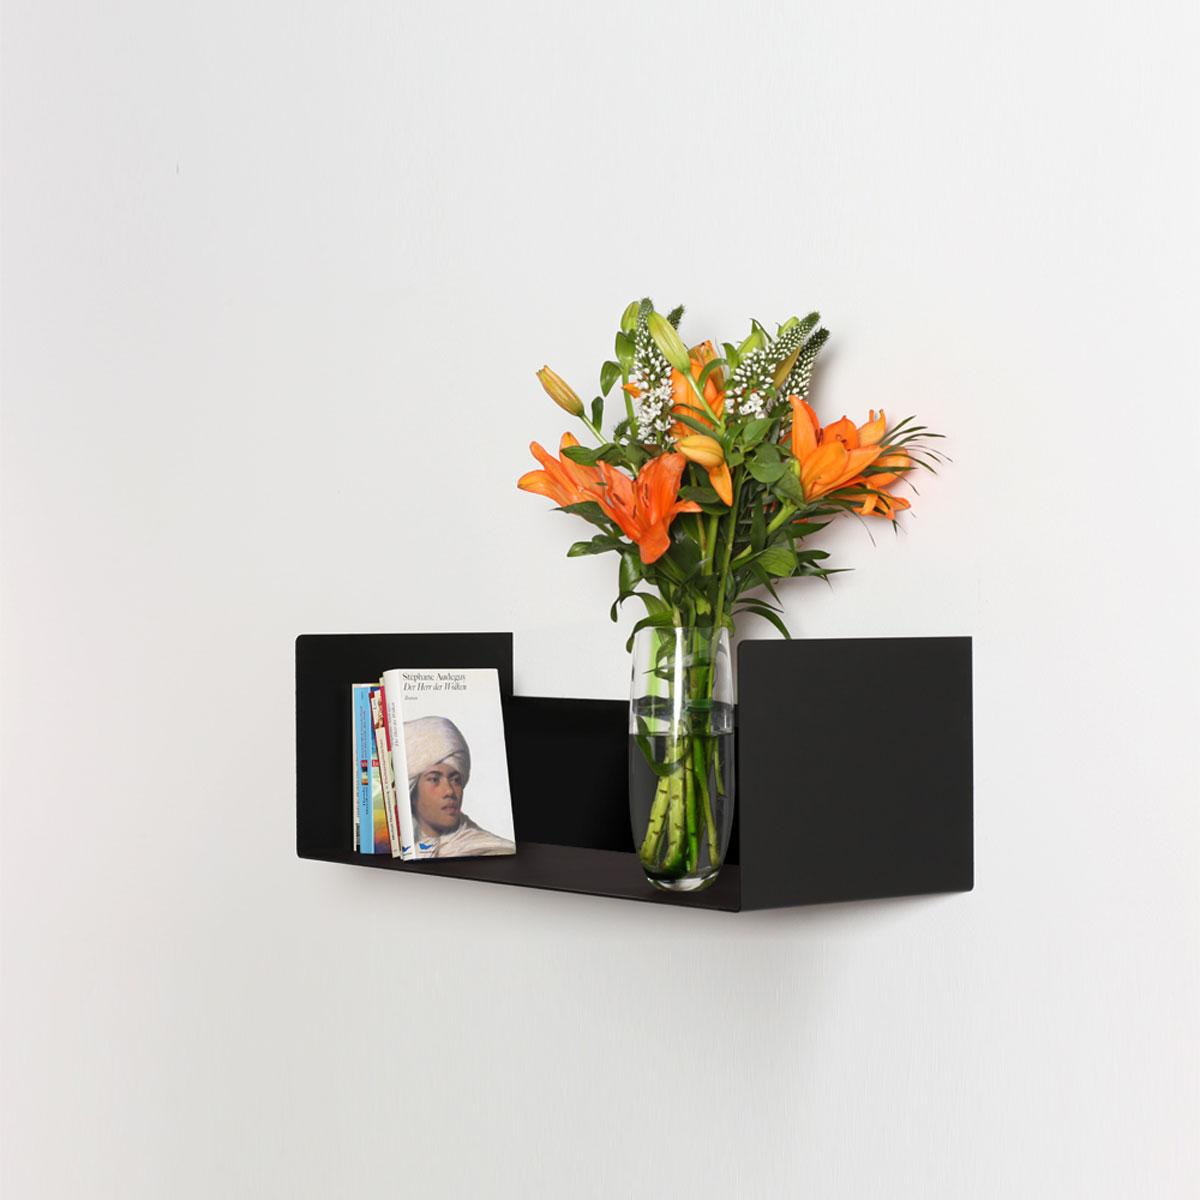 Designer Wandregal zur Unterbringung von Accessories, CD`s, DVD`s, Bücher und Bluray`s. Modell Wall Art 598 von Wissmann Raumobjekte.